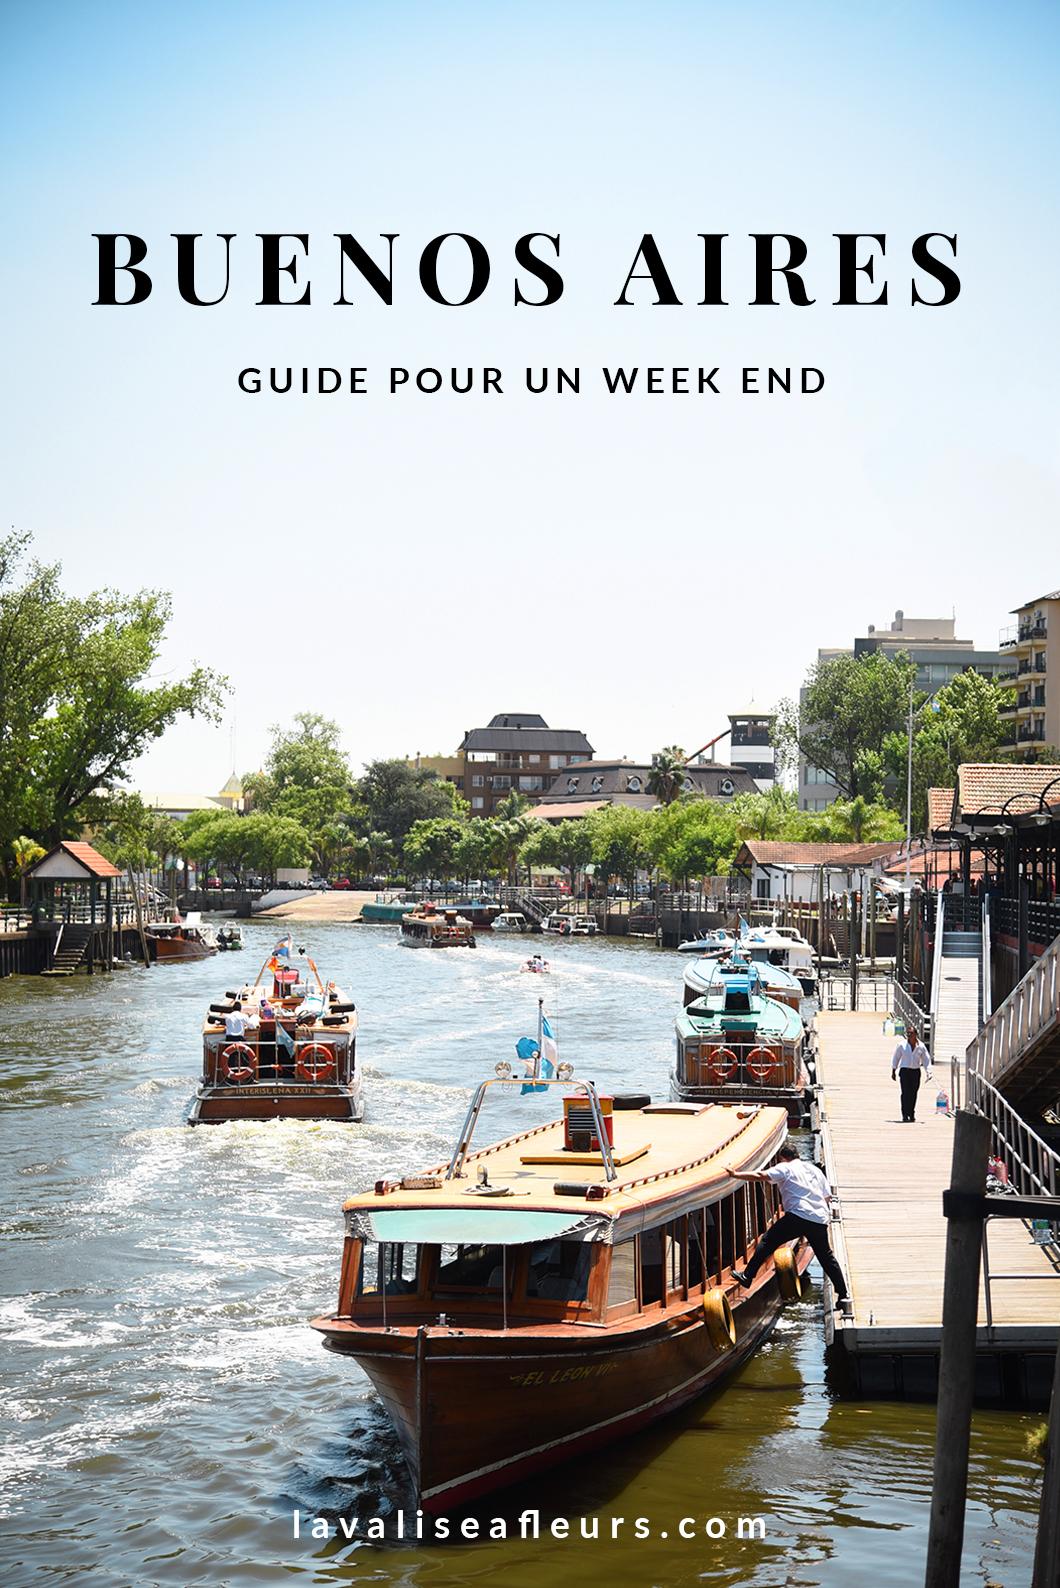 Guide pour un week end à Buenos Aires